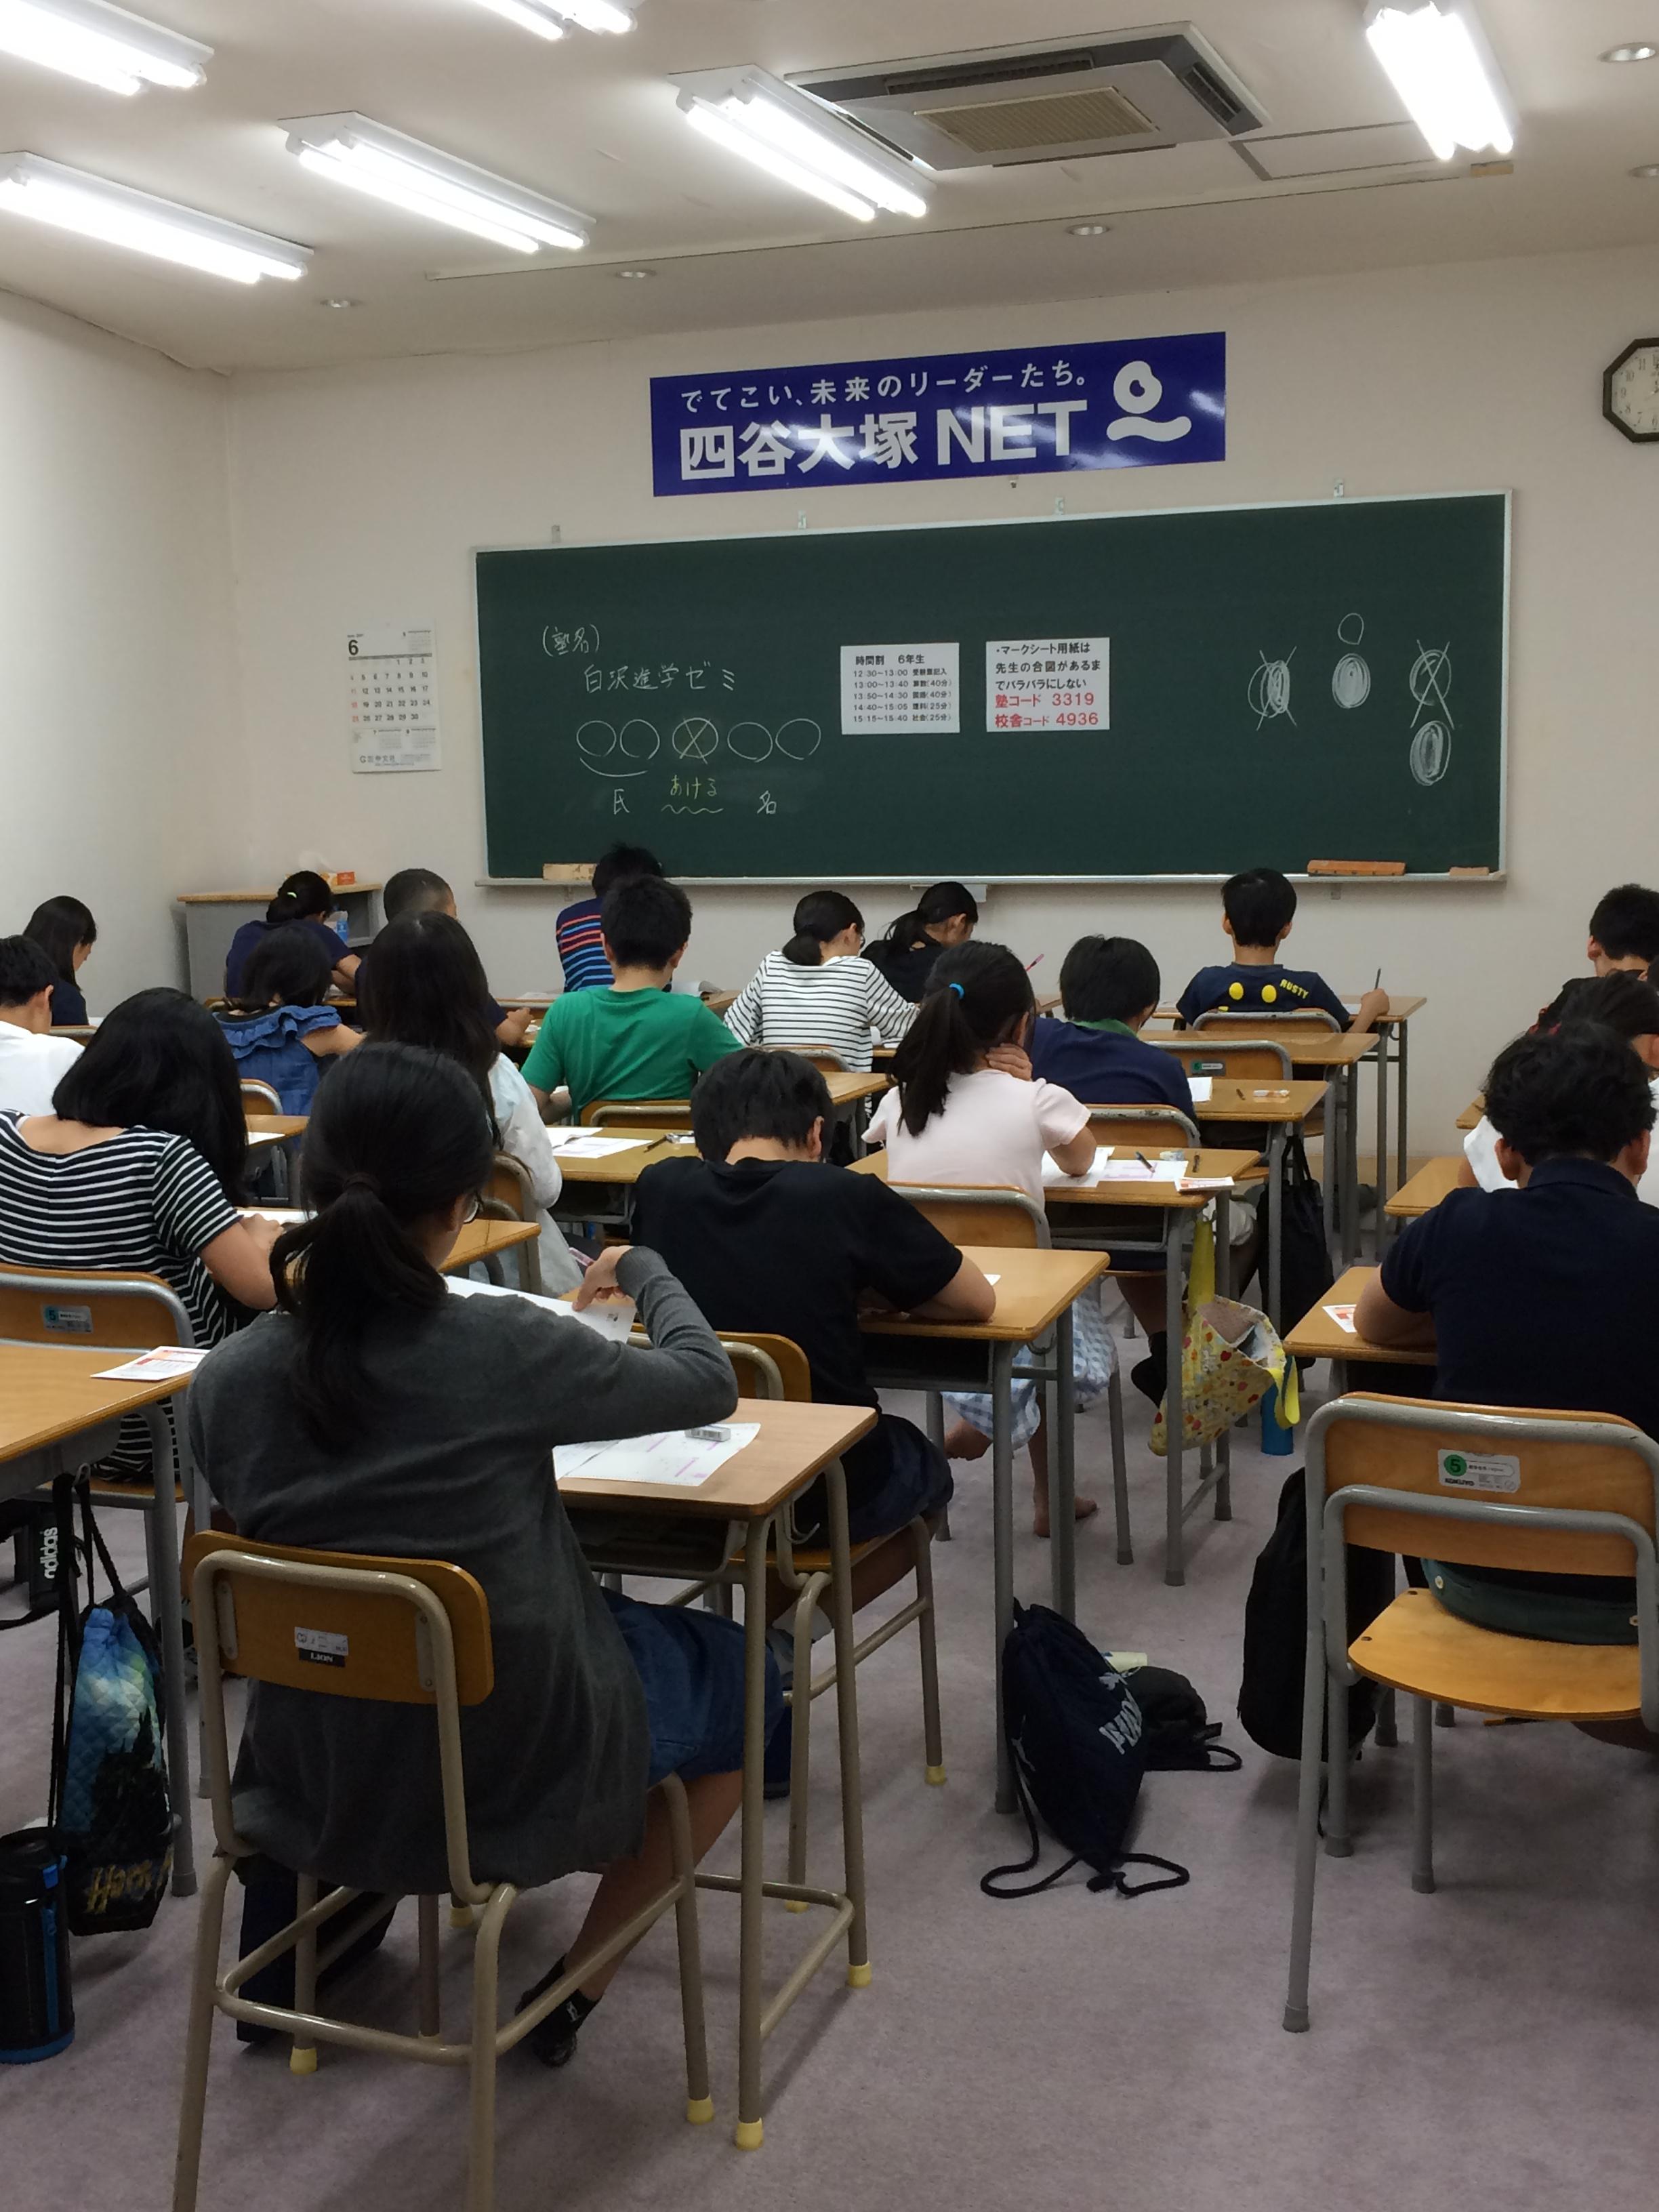 四谷 大塚 a クラス 対策